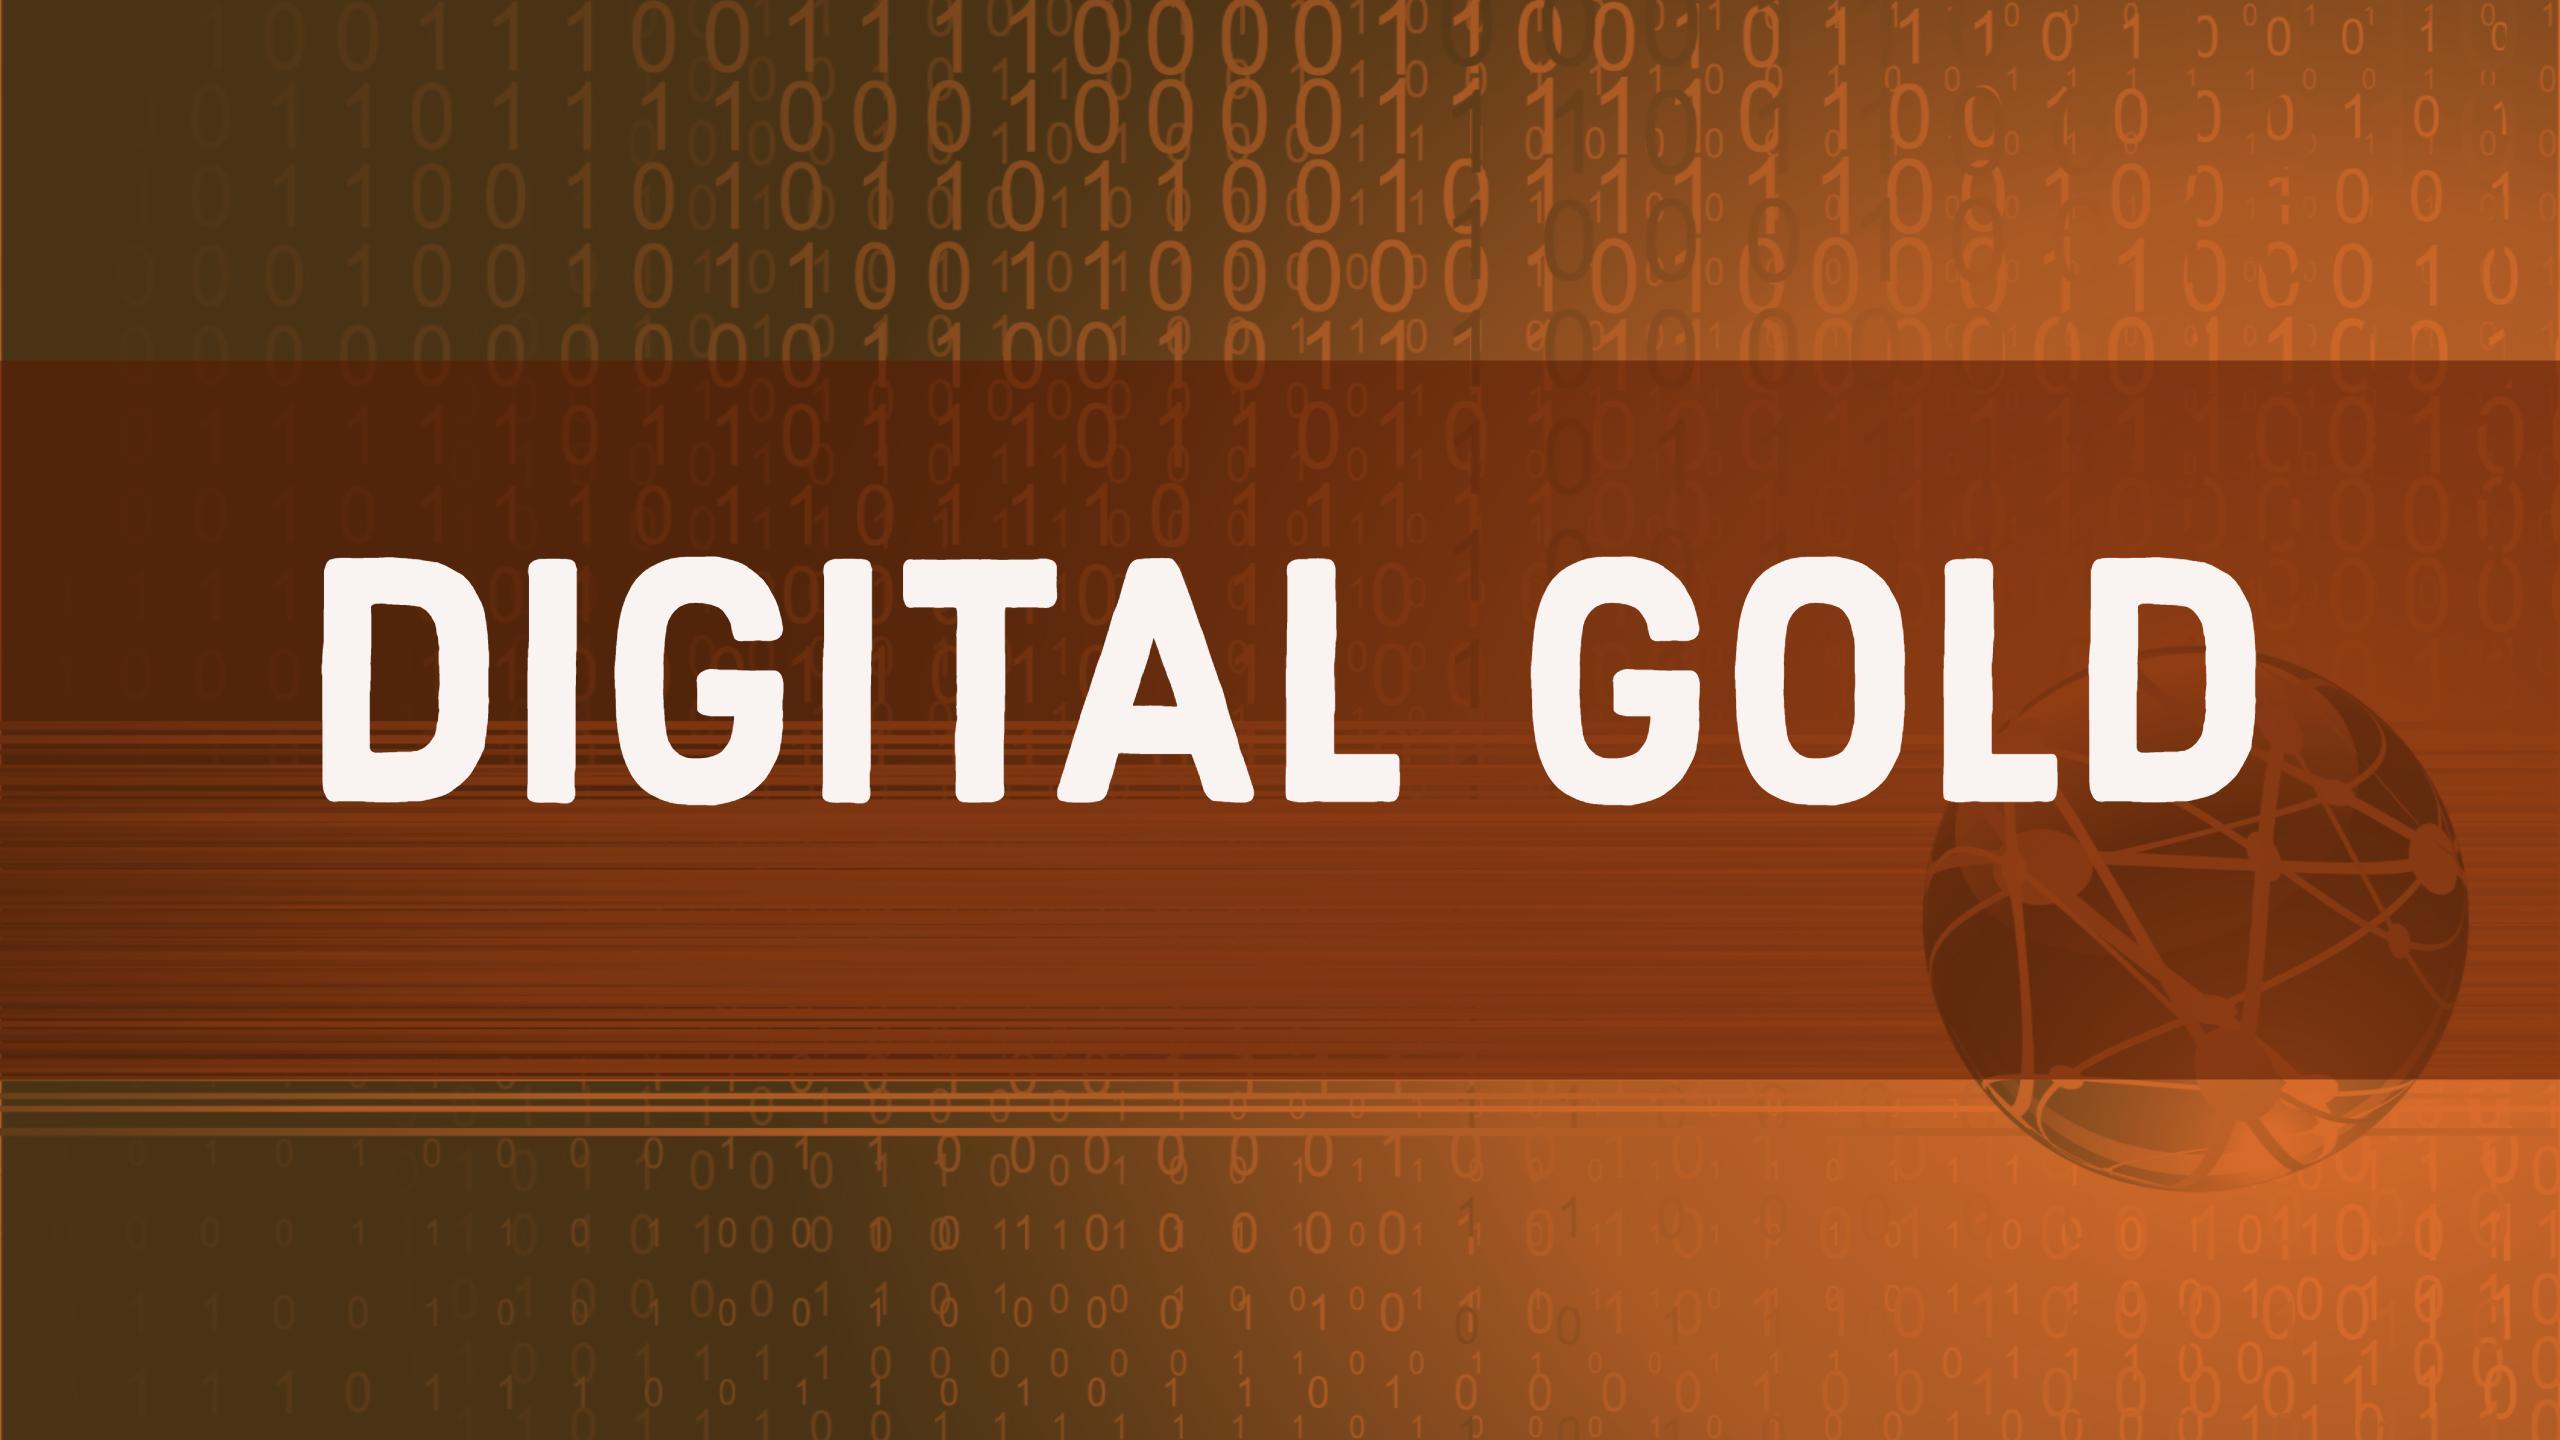 デジタルゴールドは存在しない